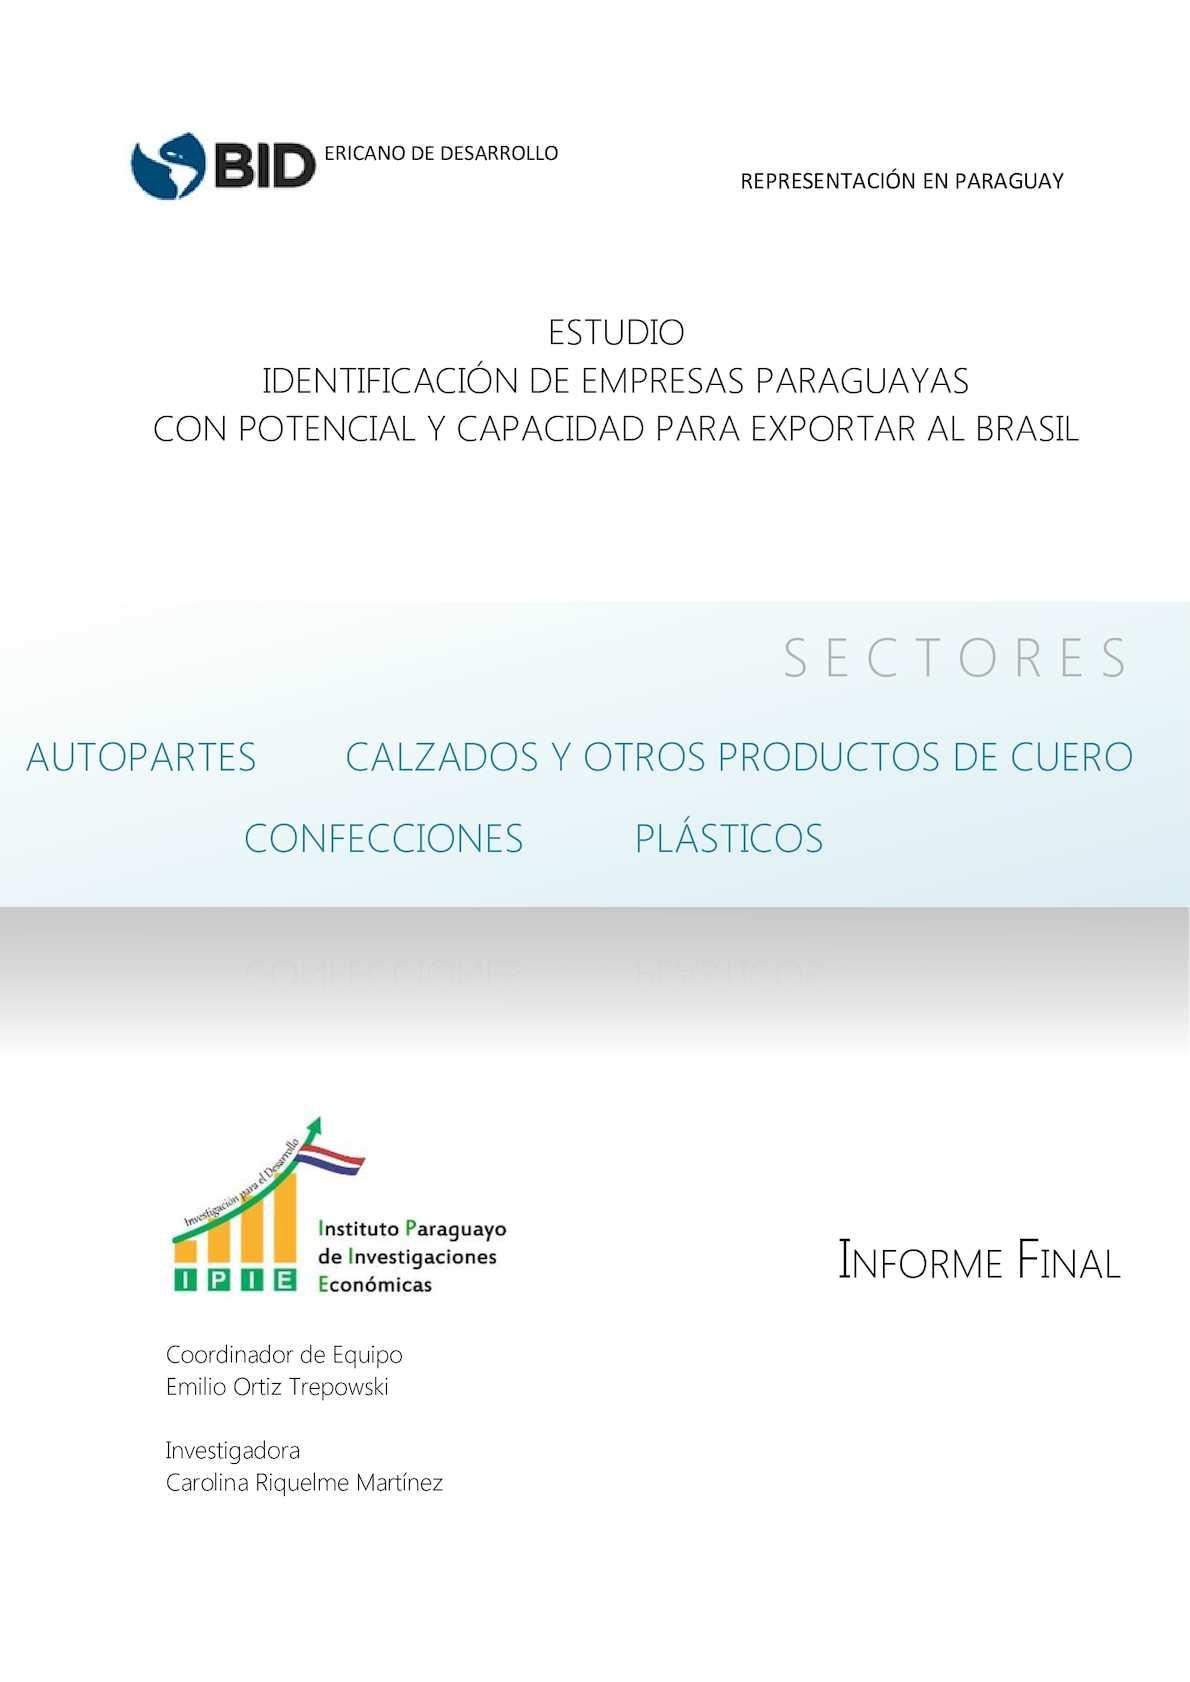 Calaméo - Estudio 4sectores Informe Final 290416